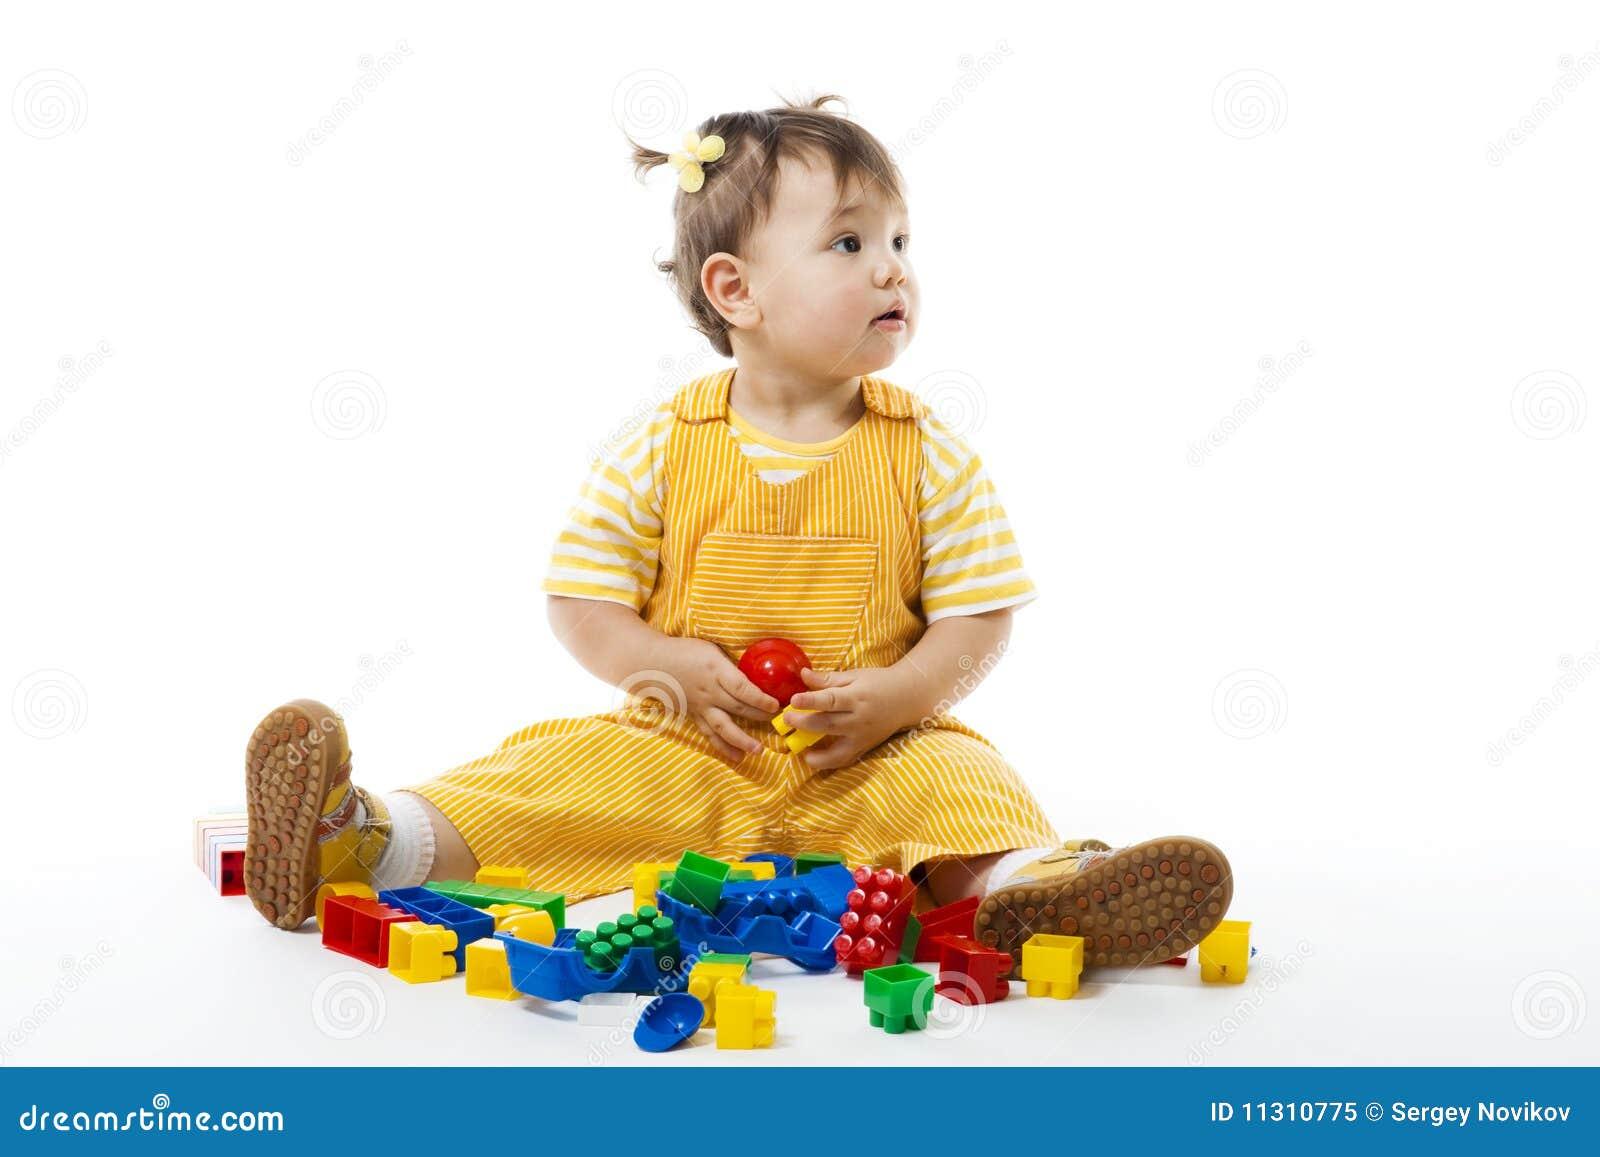 Kleinkind sitzen und Spiel mit Aufbauset